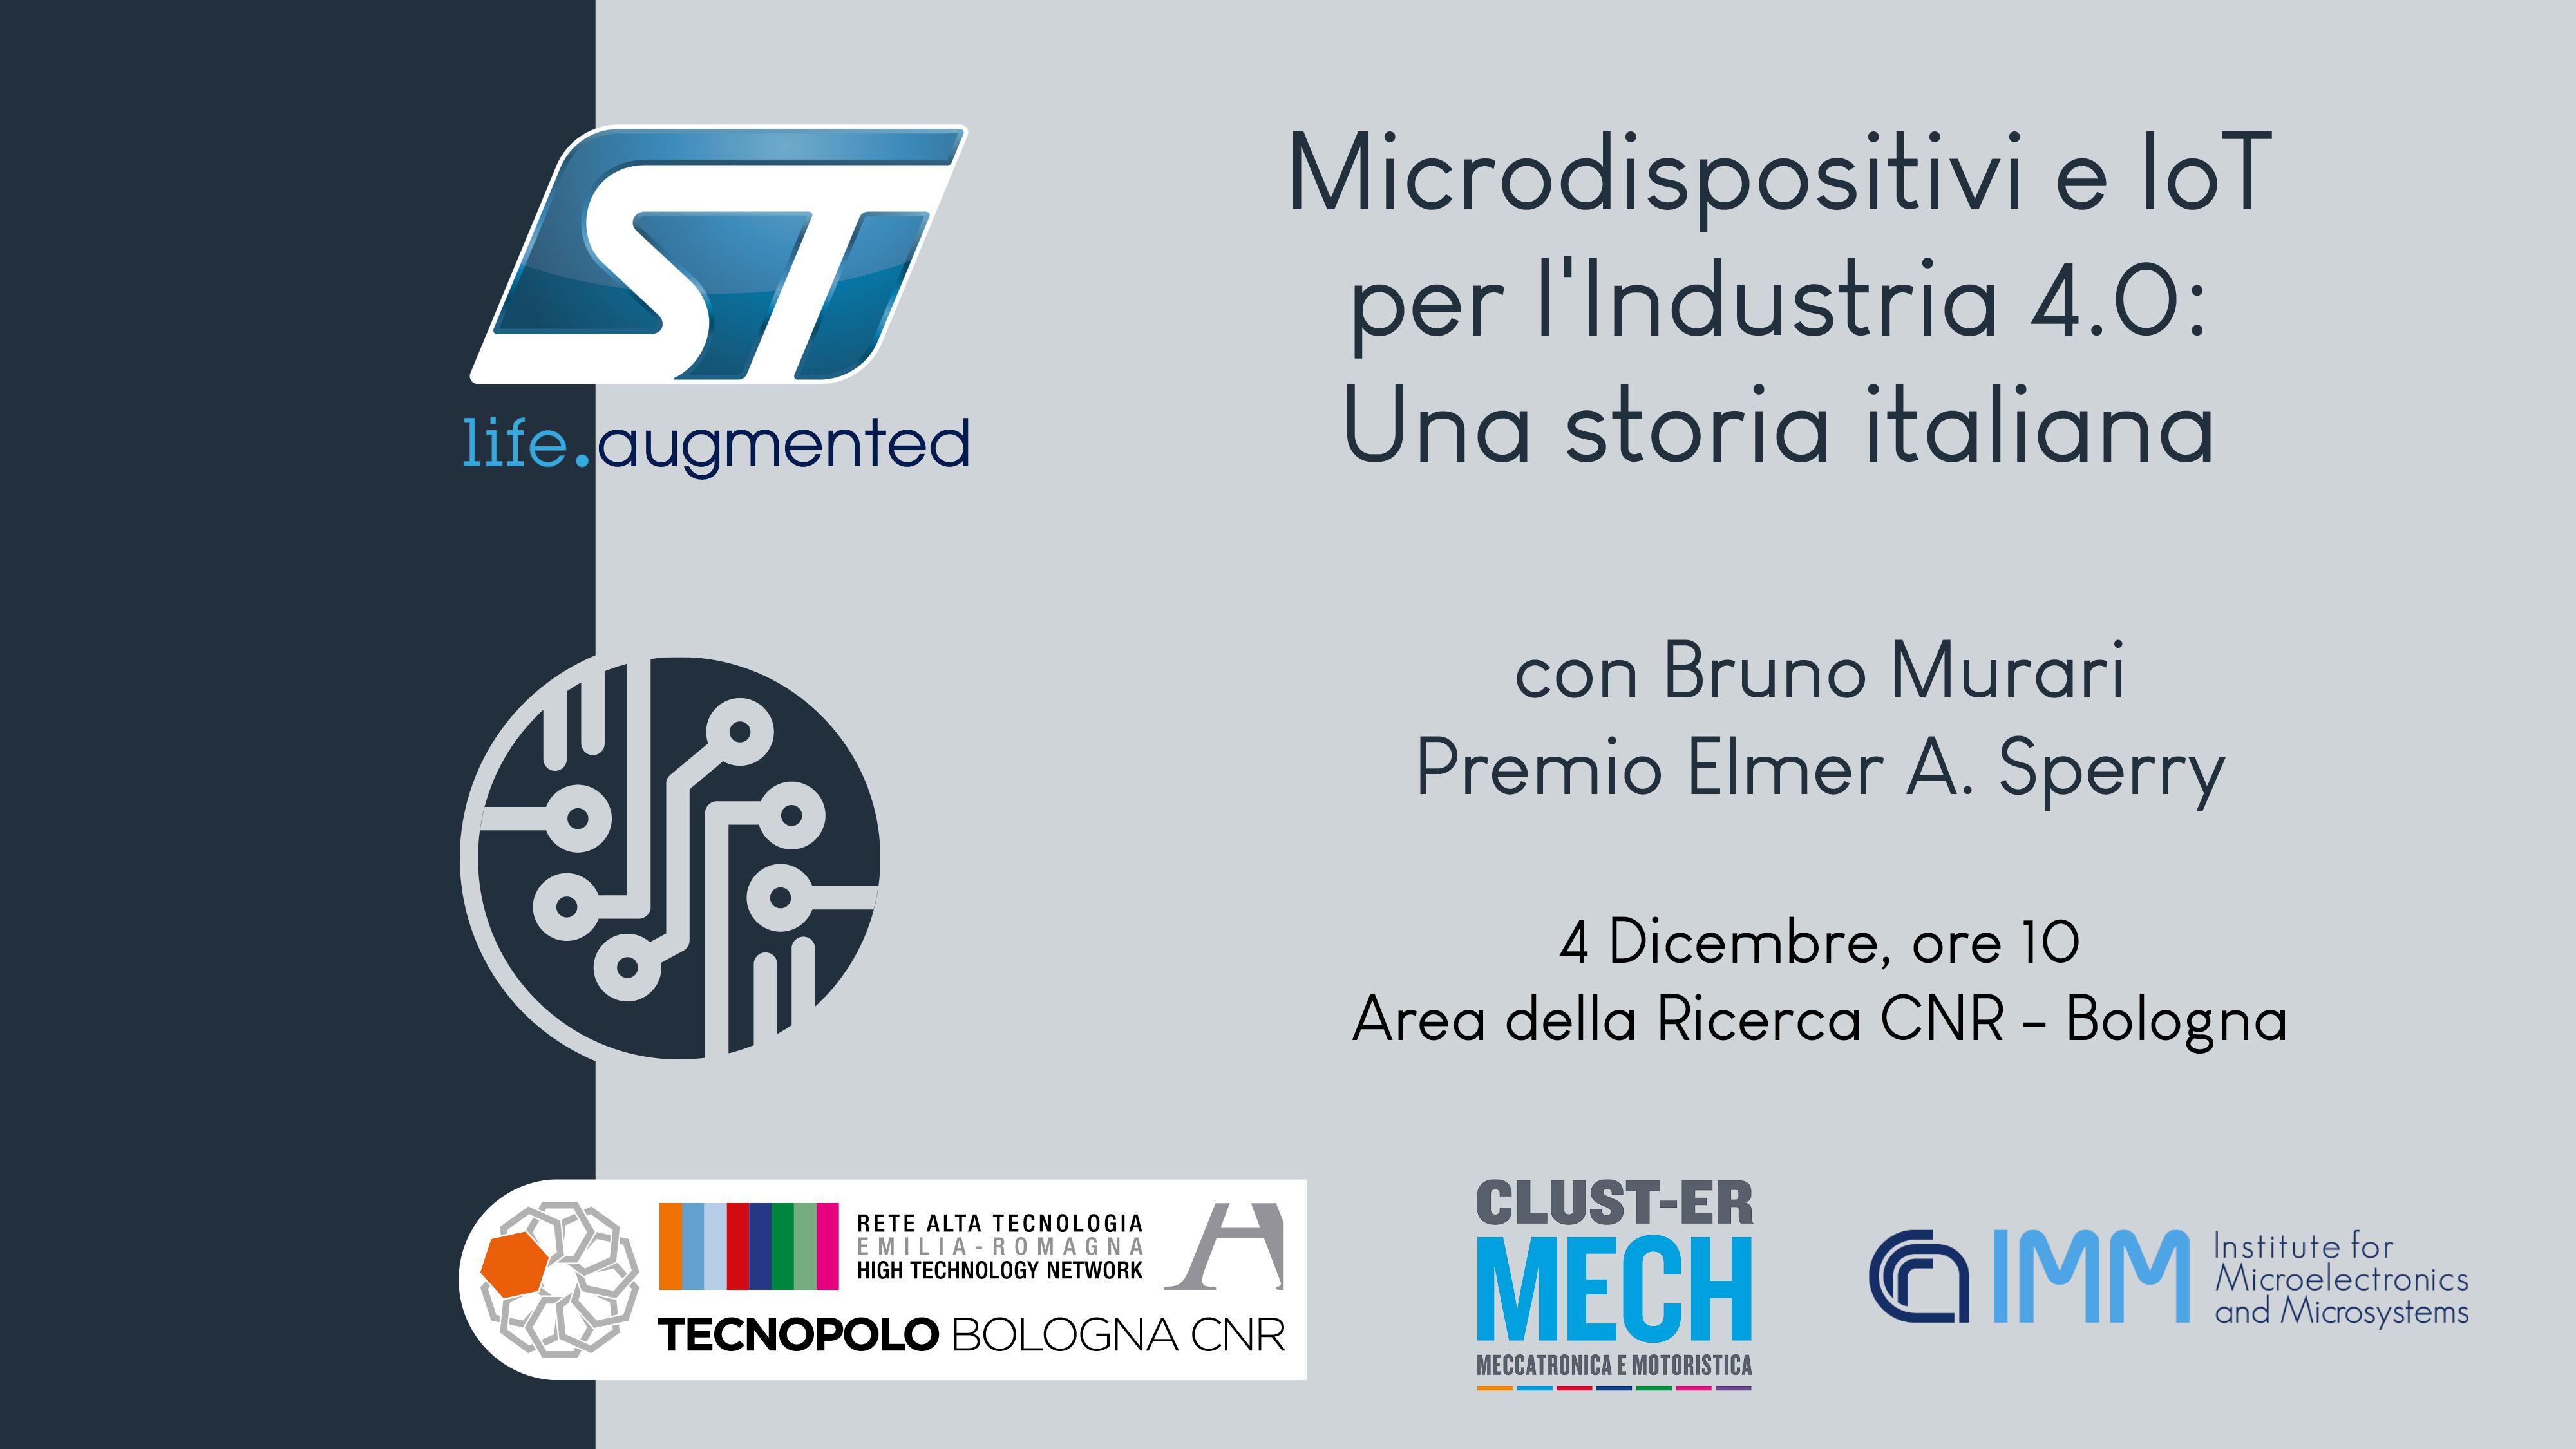 Microdispositivi e IoT per l'Industria 4.0: una storia italiana. Convegno con STMicroelectronics e Murari